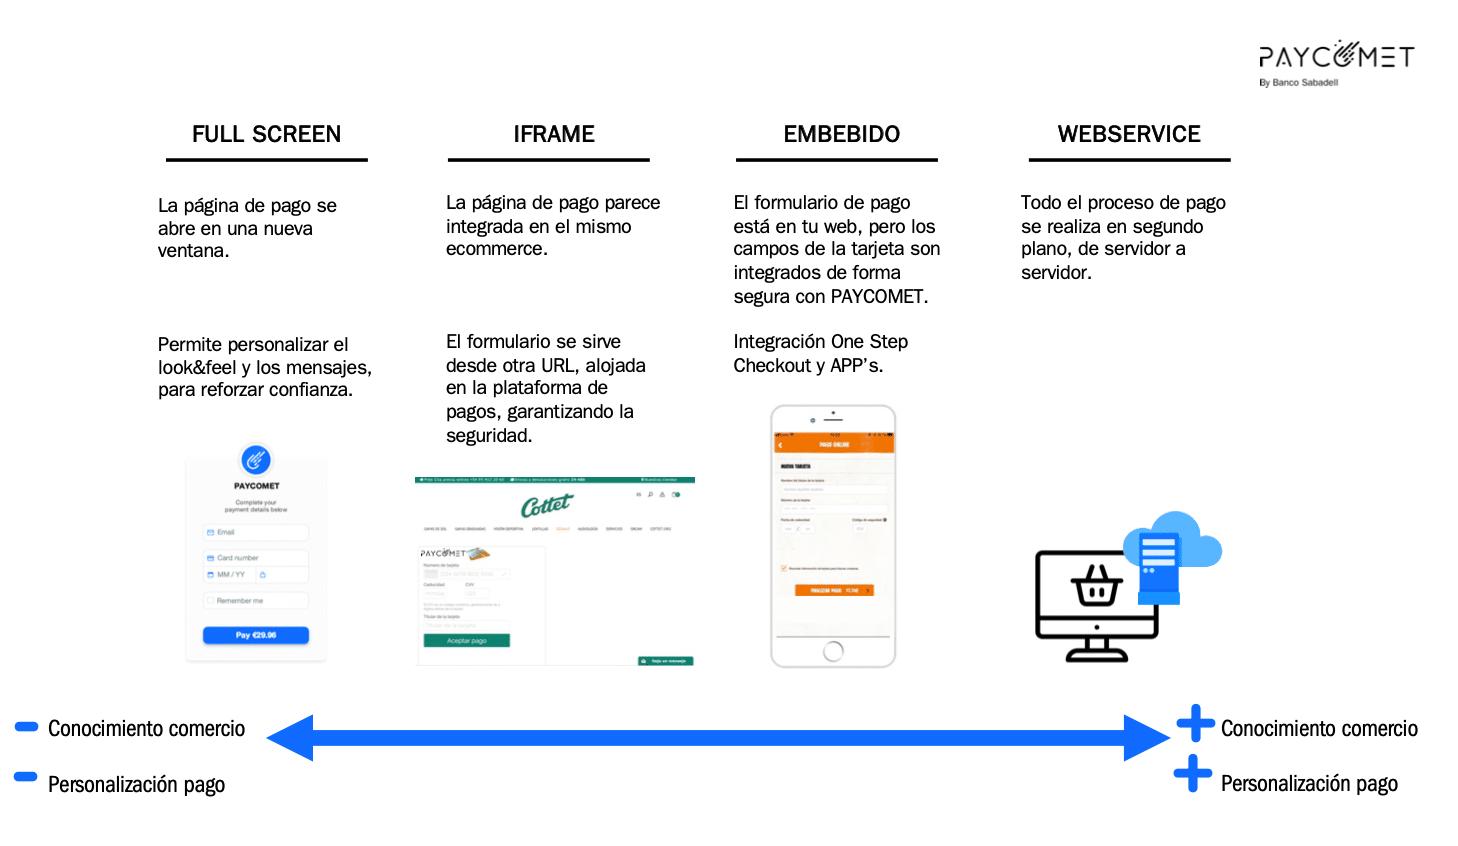 comparativa tipos de integración pasarelas de pago online